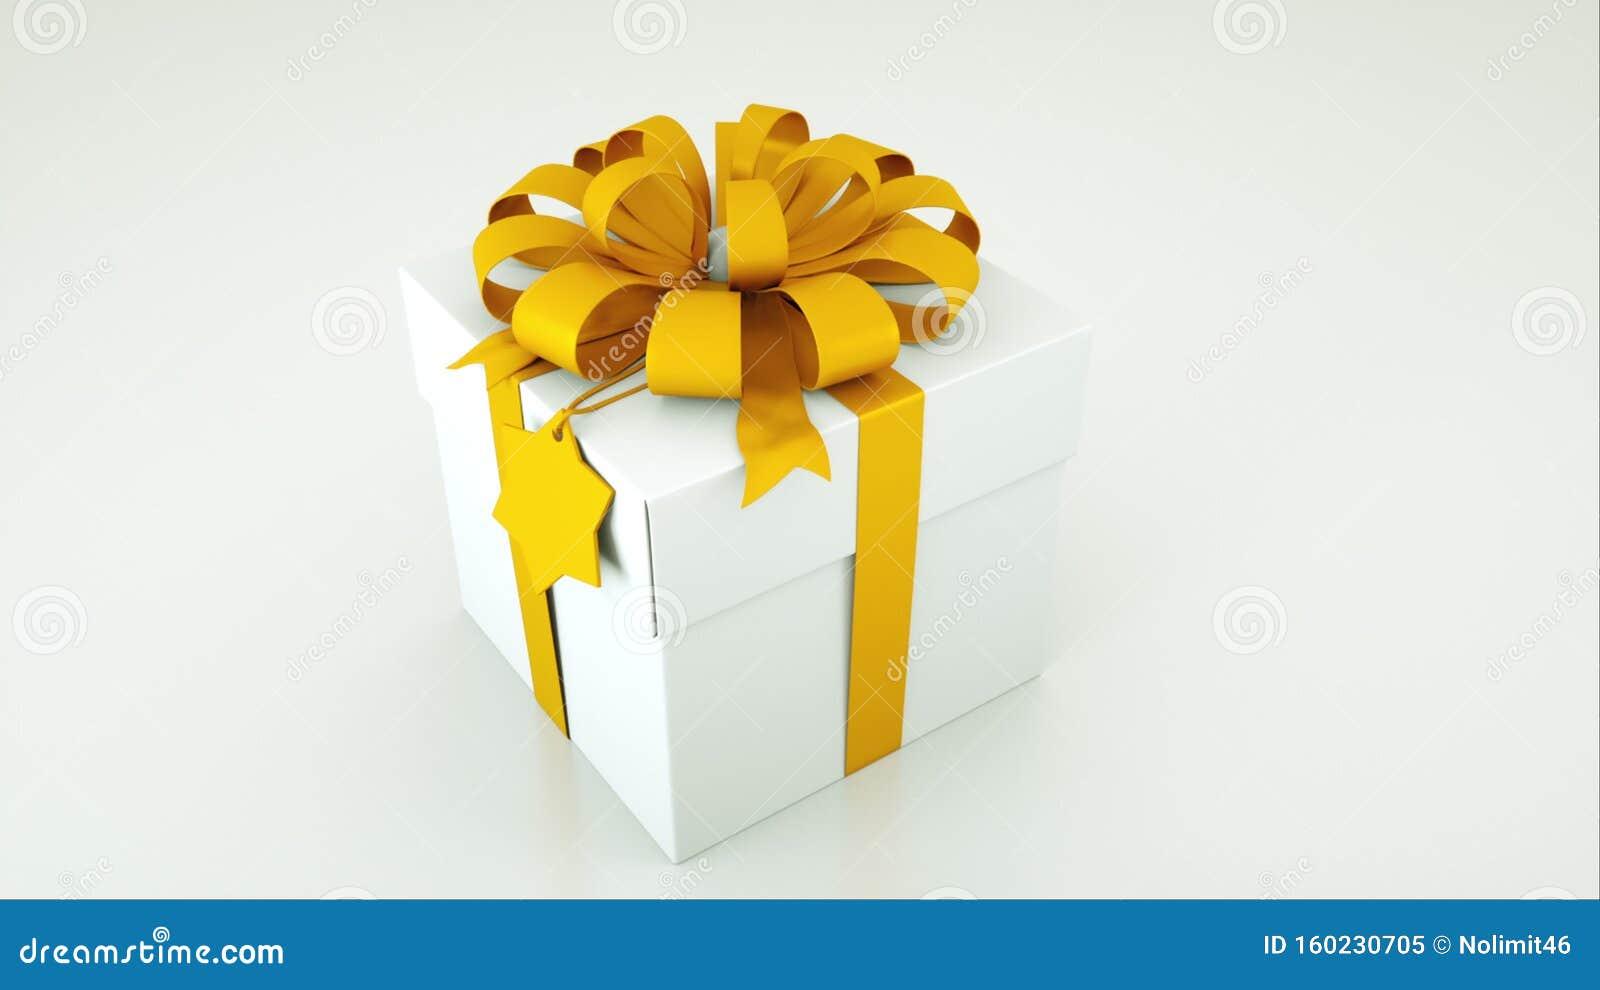 Computer genereerde afbeelding van witte cadeaudoos met gouden boog en tag geïsoleerd op witte achtergrond 3D-rendering